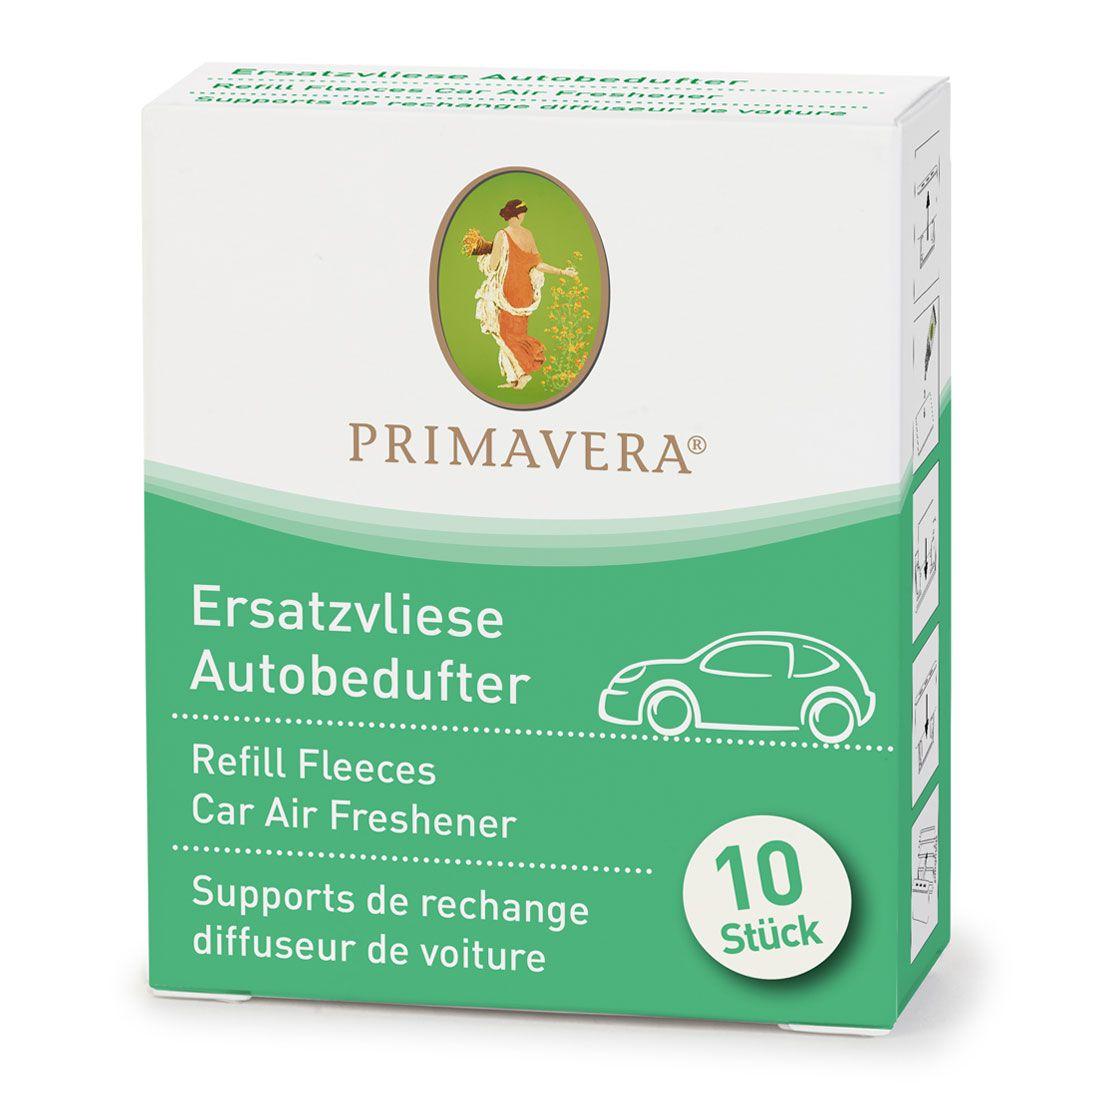 PRIMAVERA Ersatzvliese für Fahrzeug-Innenraum-Bedufter 10 Stck.